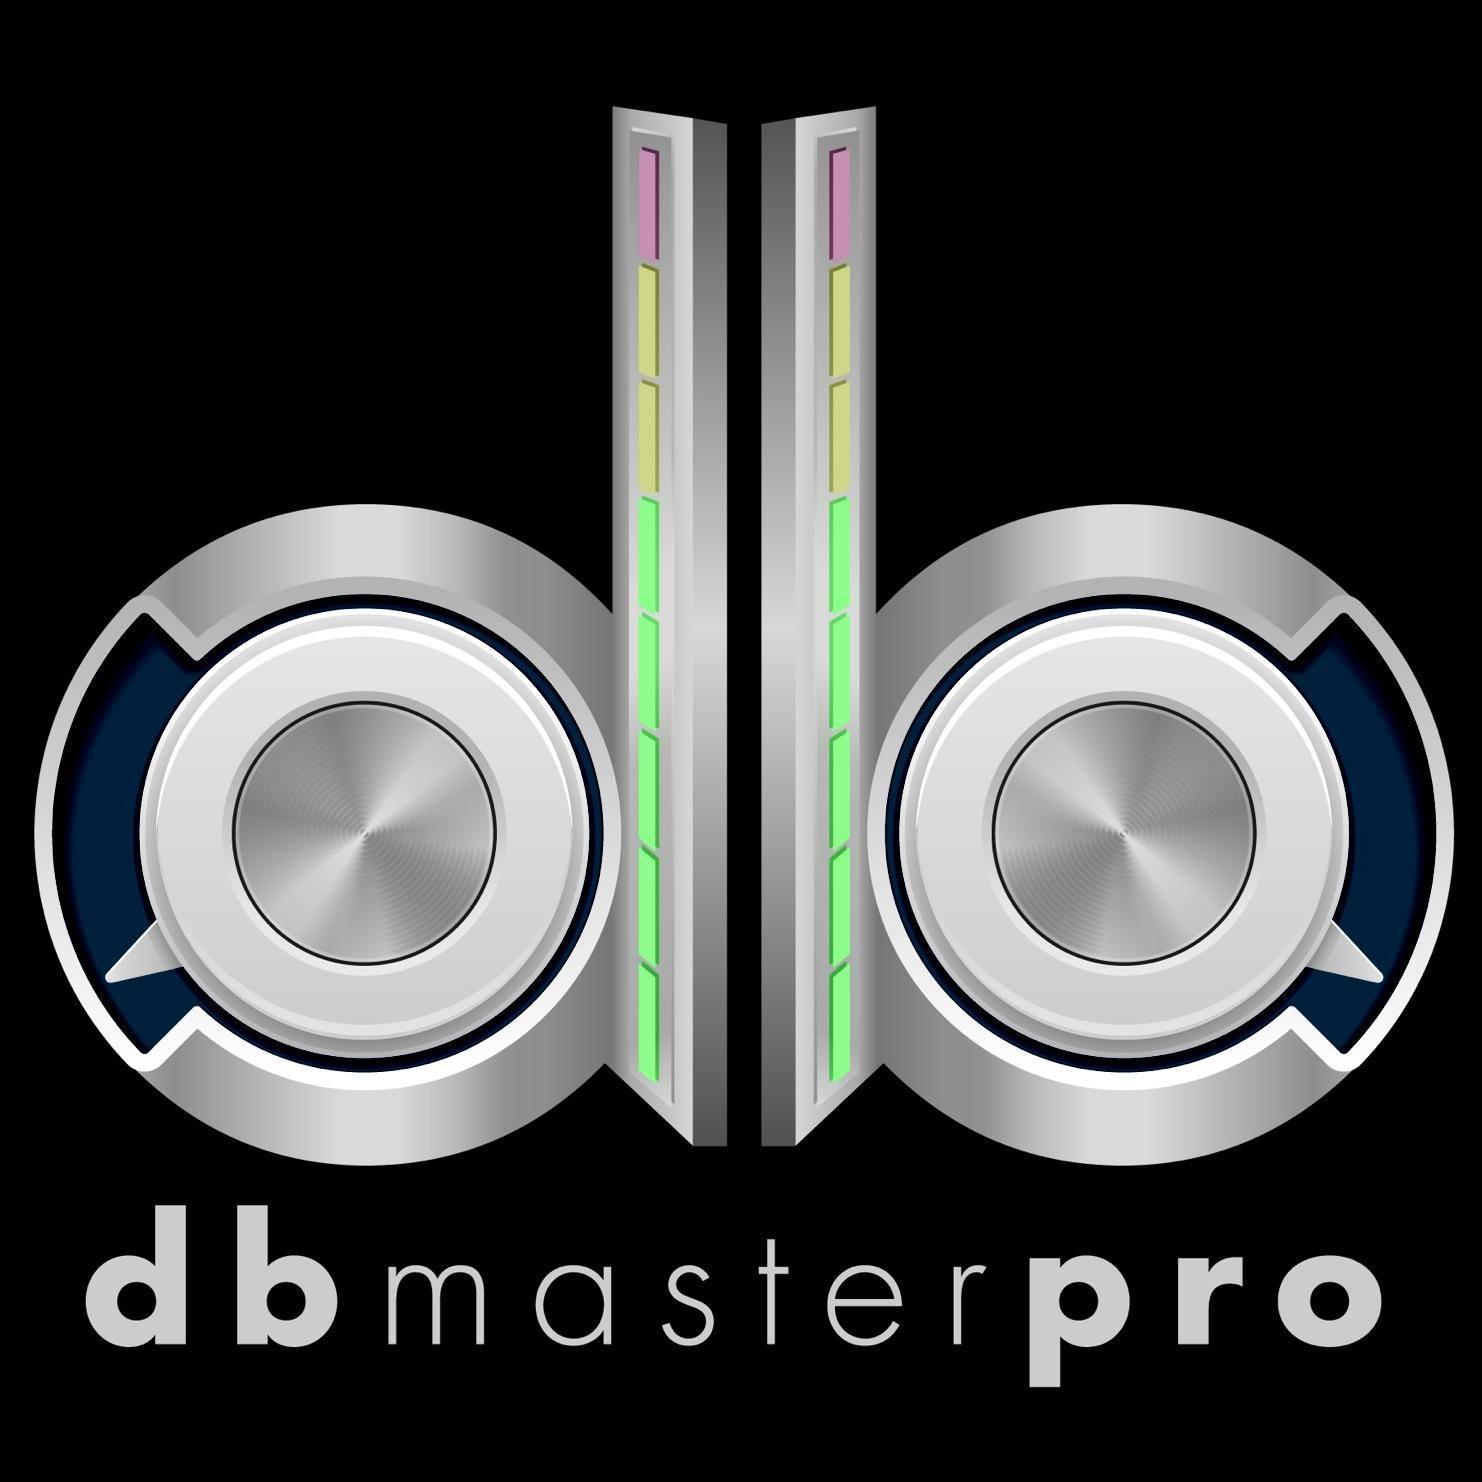 db Master Pro